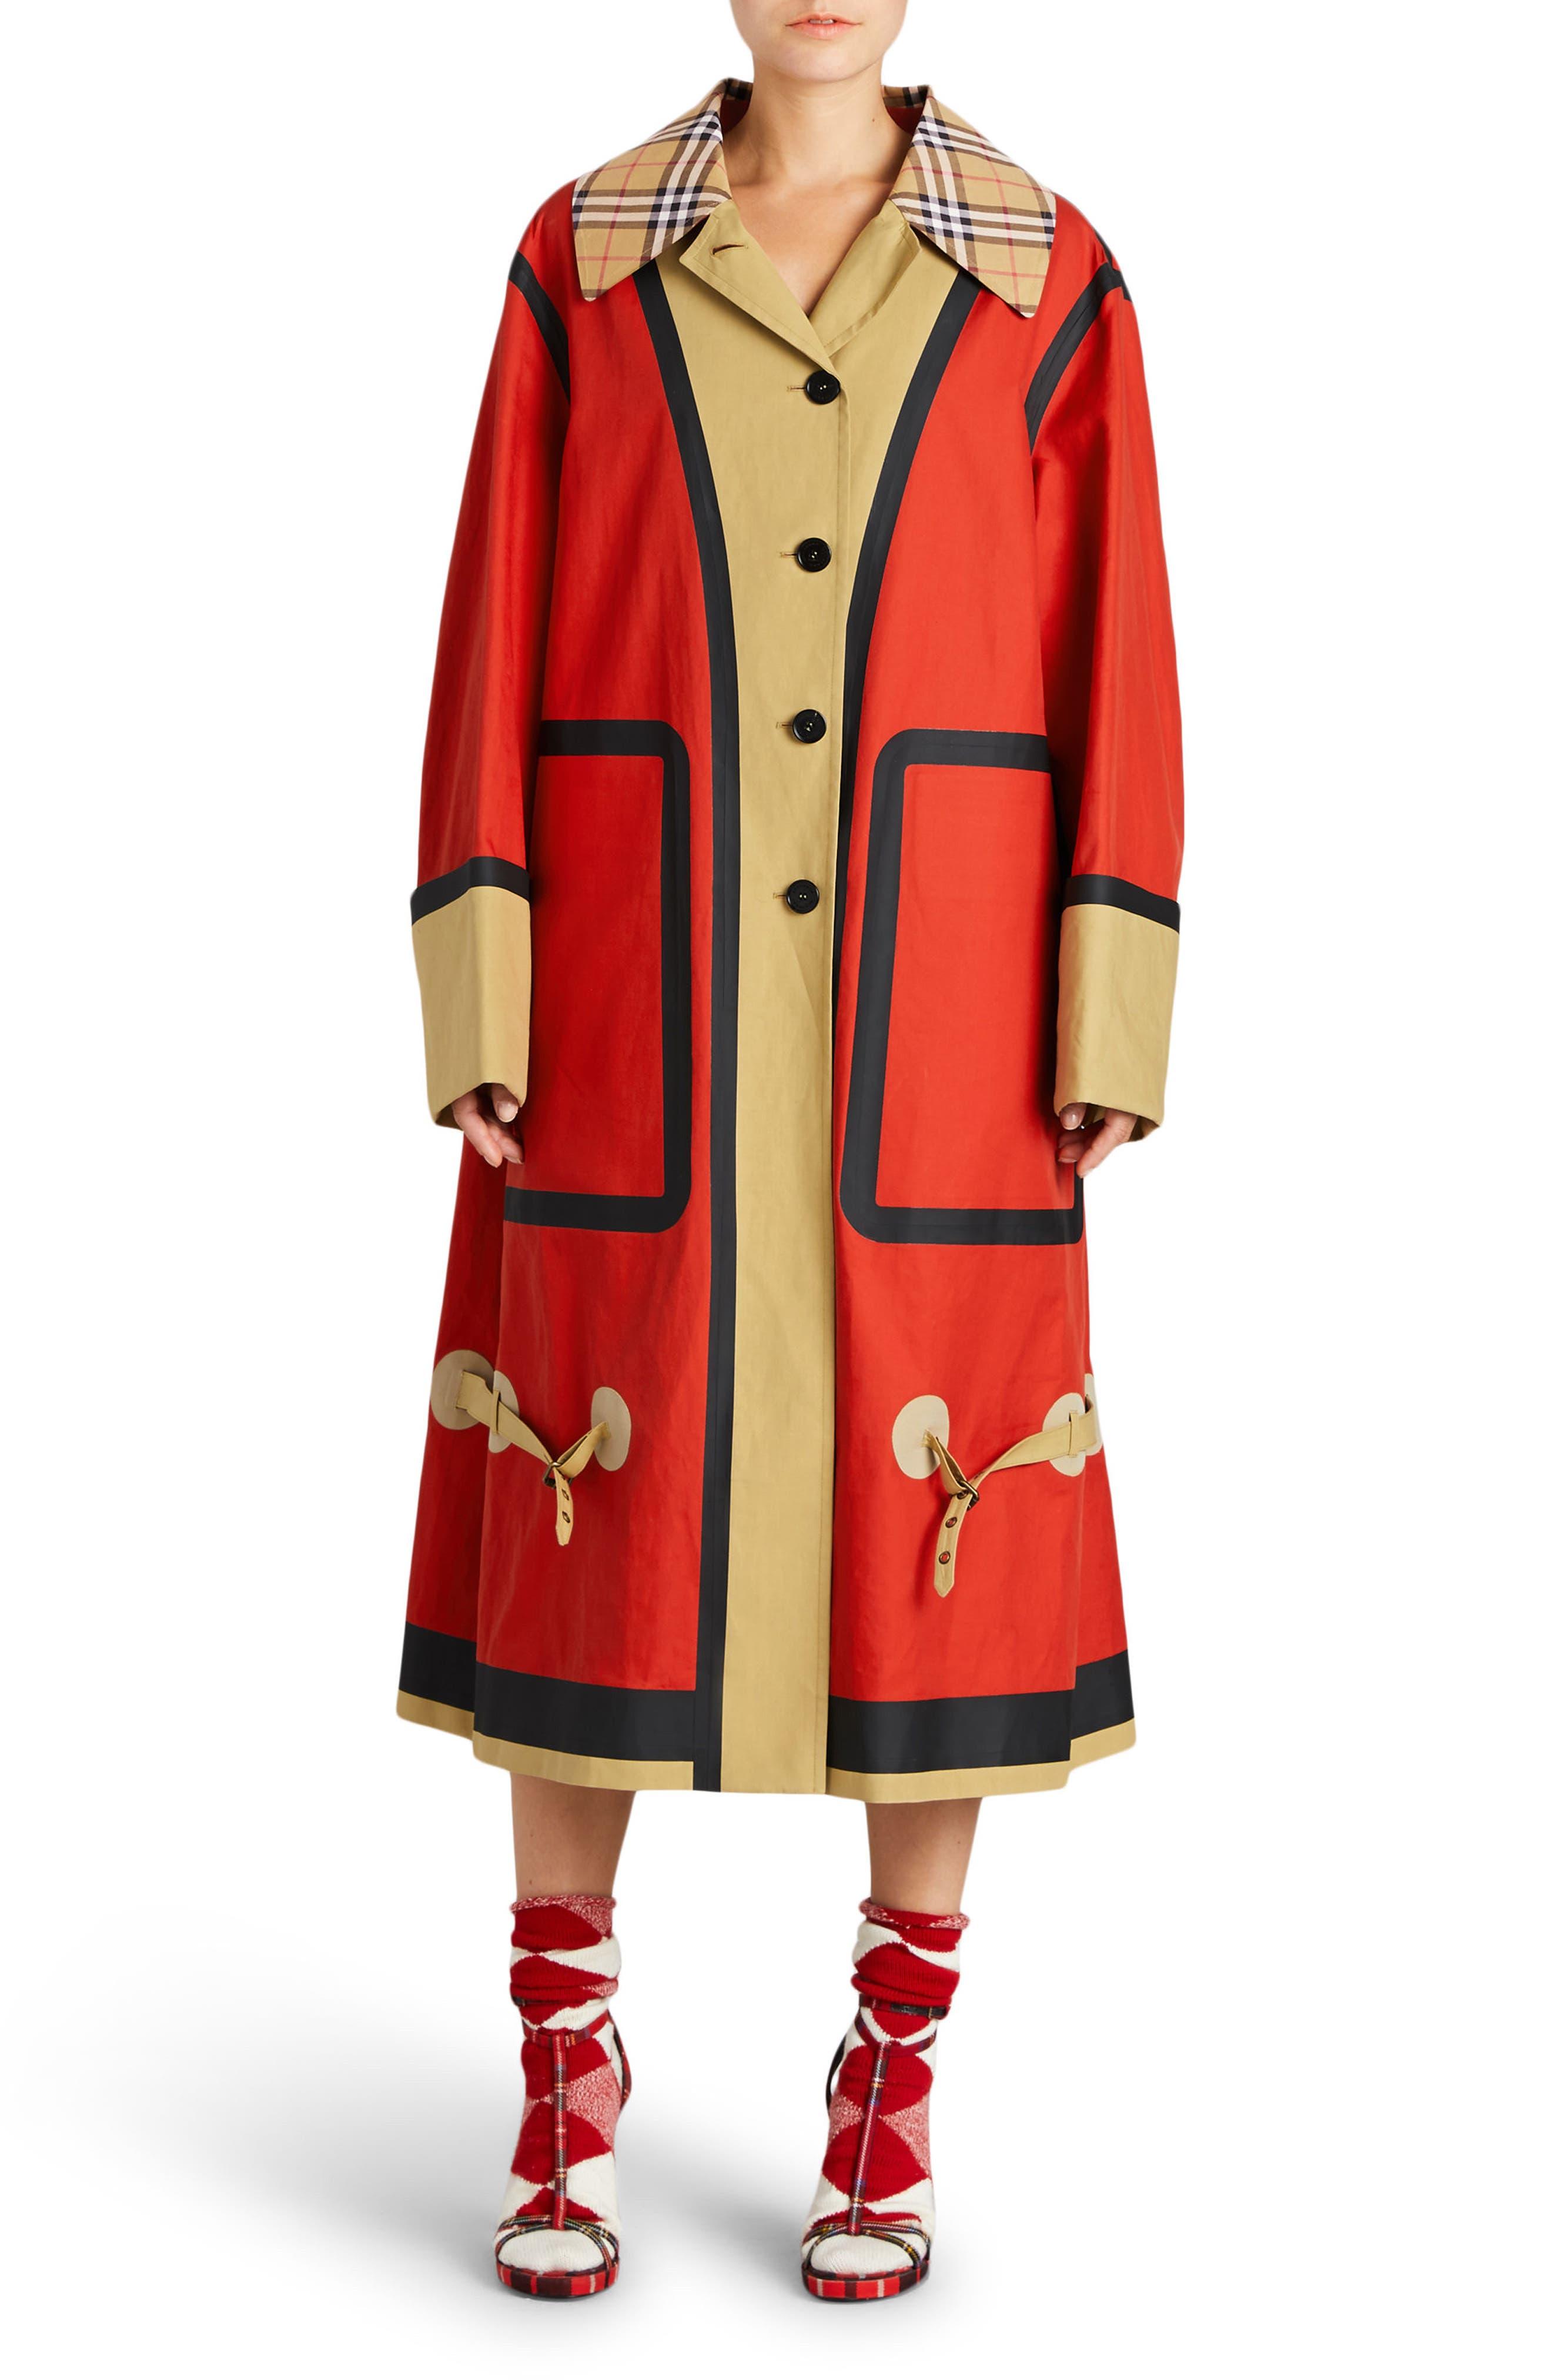 BURBERRY Colorblock Cotton Car Coat, Main, color, 600